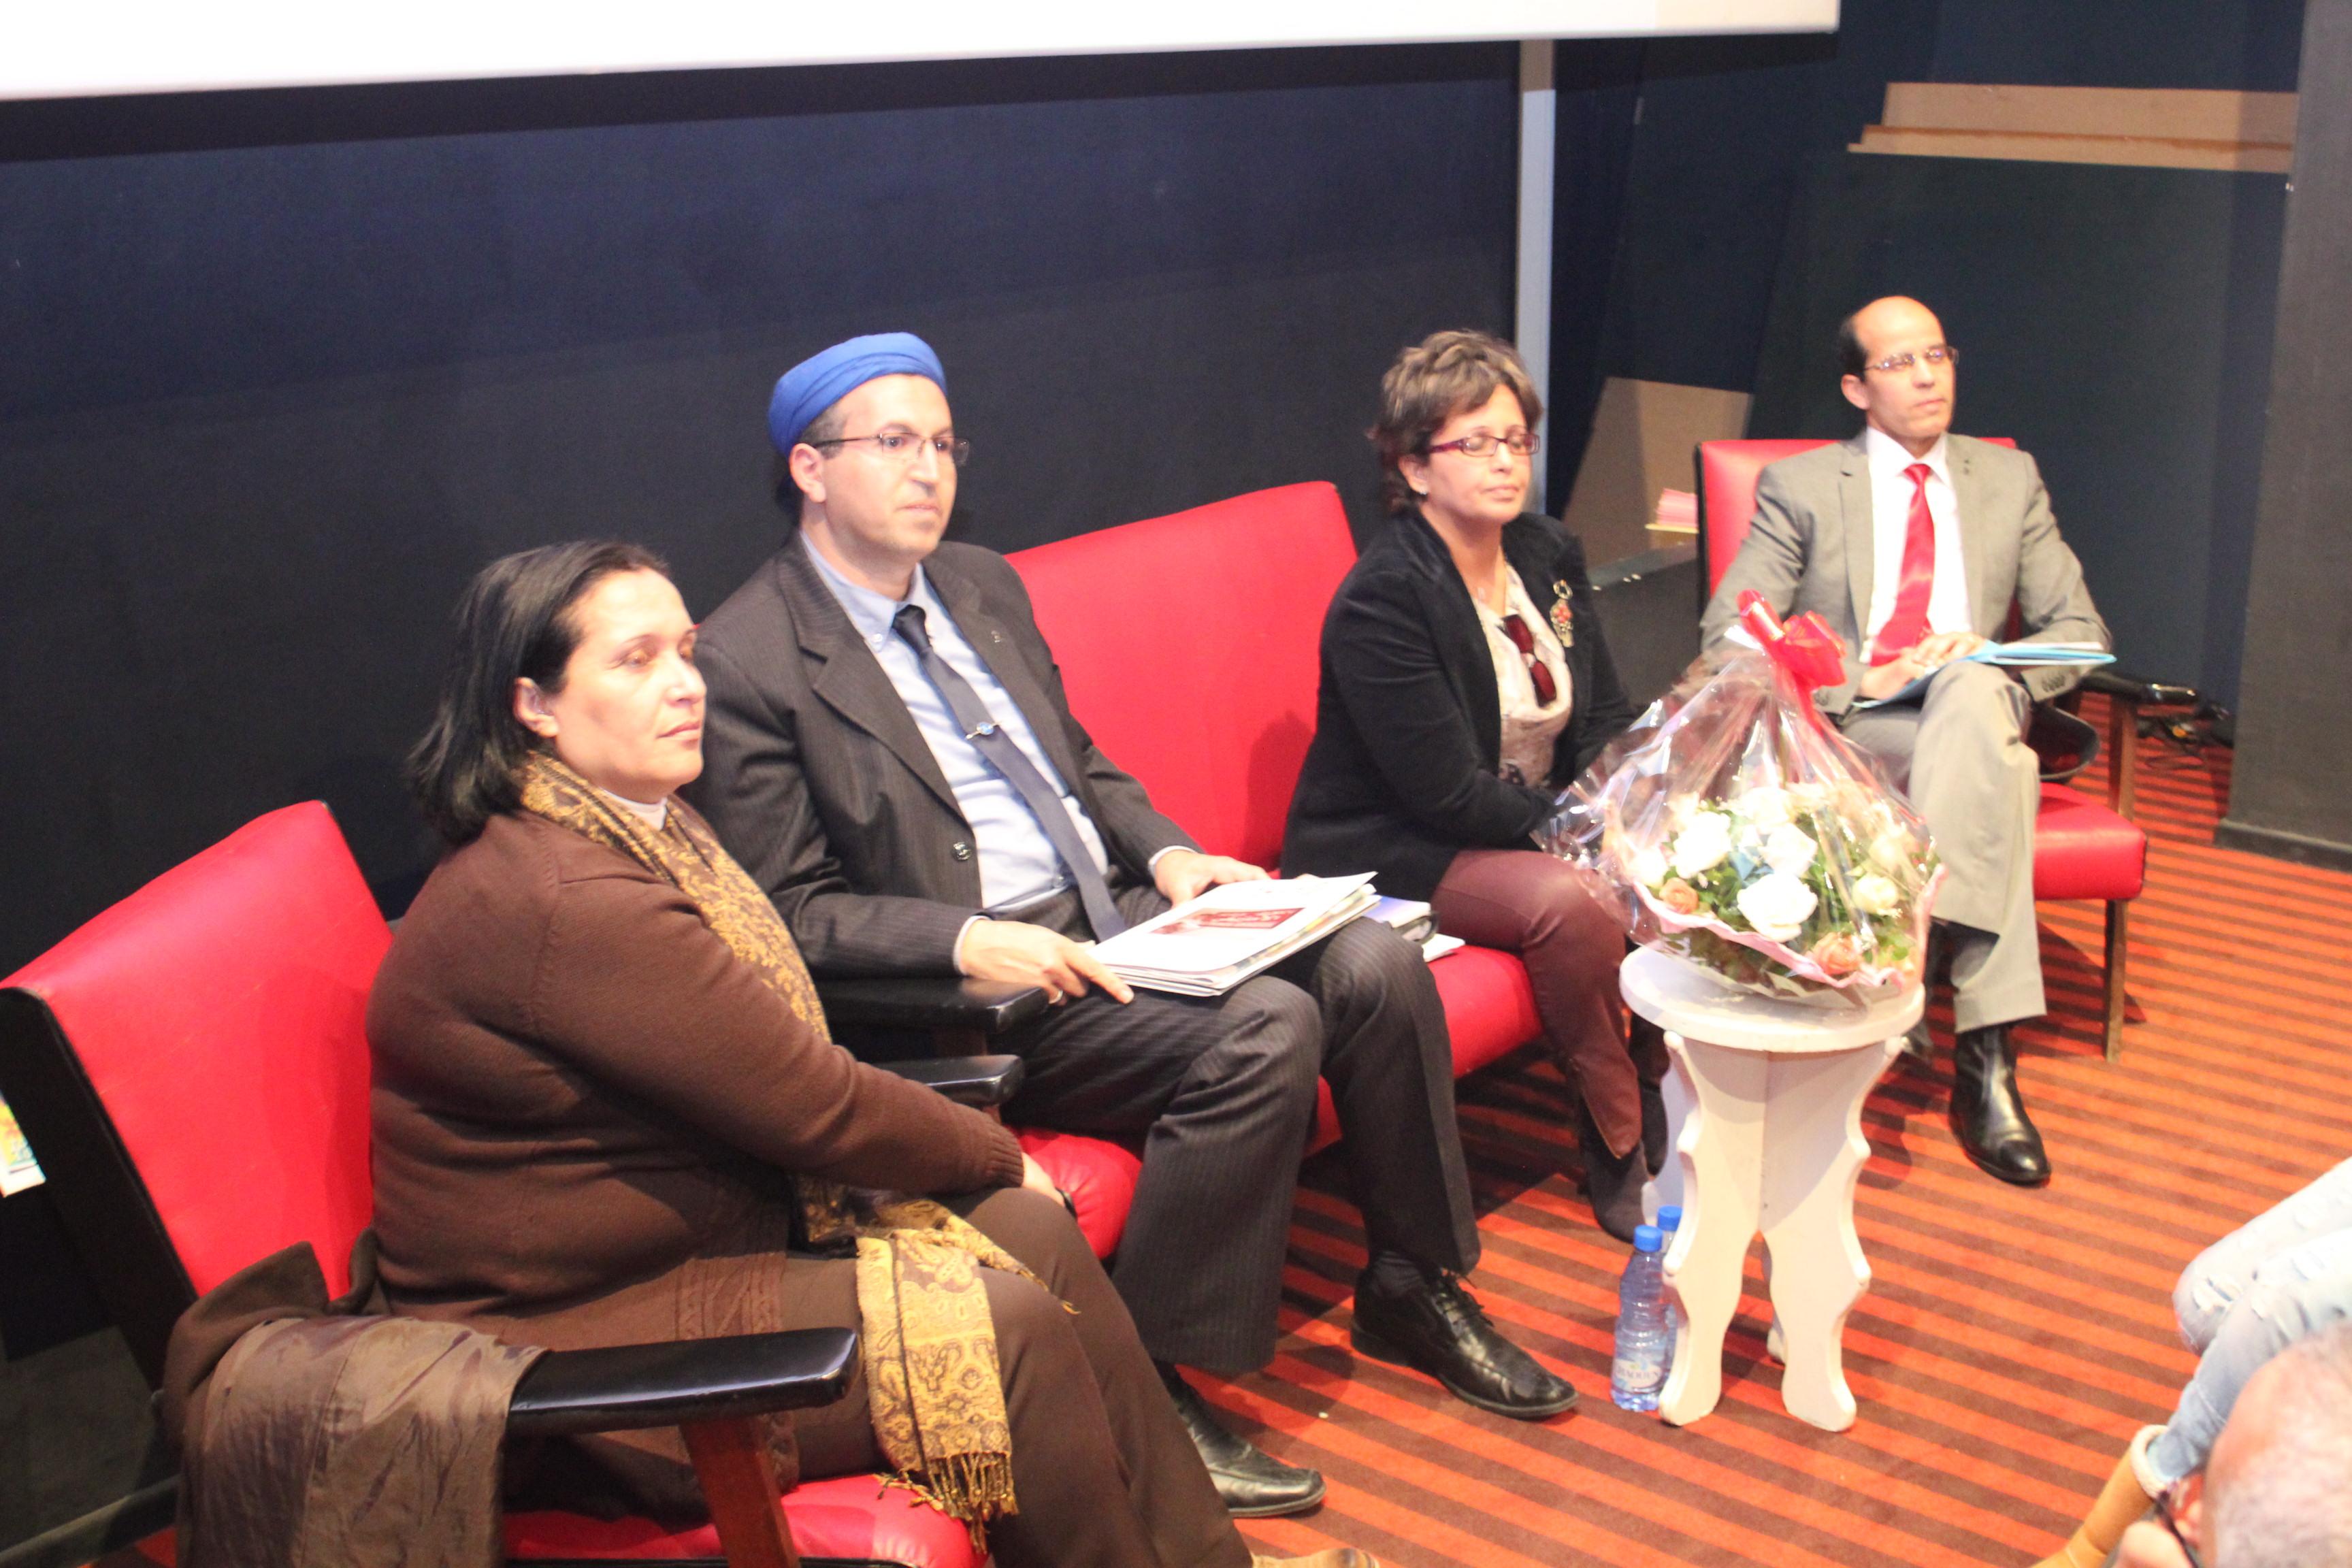 صحافيون أمازيغيون ينعون الصحافة الأمازيغية المكتوبة بطنجة